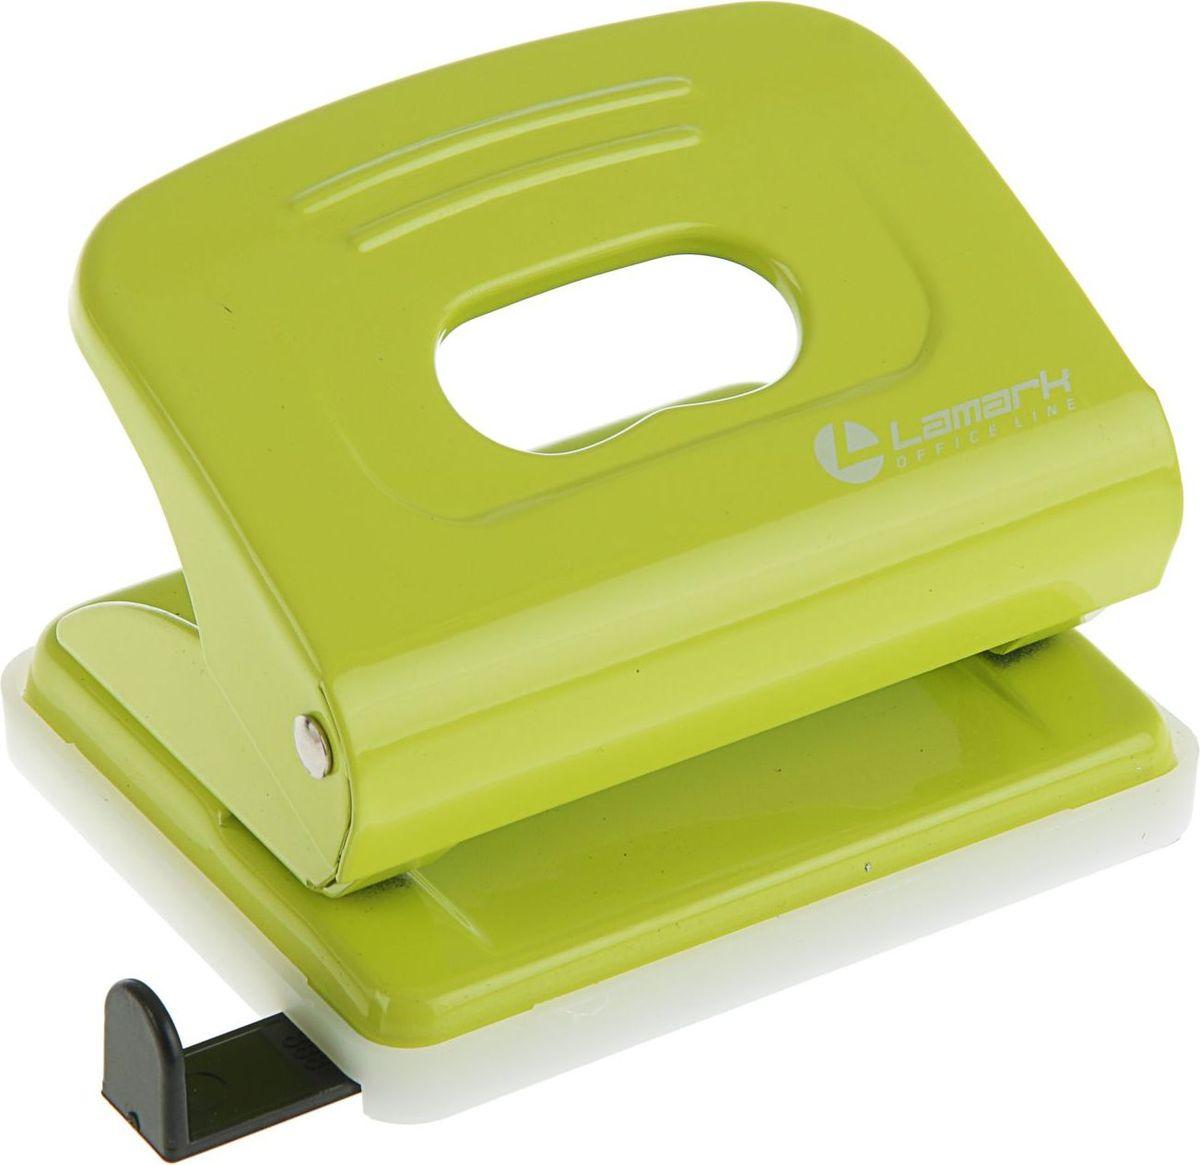 Lamark Дырокол Mettallic с линейкой на 20 листов цвет светло-зеленый2325210Удобный и практичный дырокол Lamark Mettallic- незаменимый офисный инструмент. Стильный эргономичный дизайн создаст приятное настроение на рабочем столе. Дырокол в надежном металлическом корпусе предназначен для одновременной перфорации до 20 листов бумаги. Удобство обеспечивает нескользящее основание и съемный резервуар для обрезков бумаги. Для выравнивания листов предусмотрена выдвижная линейка.